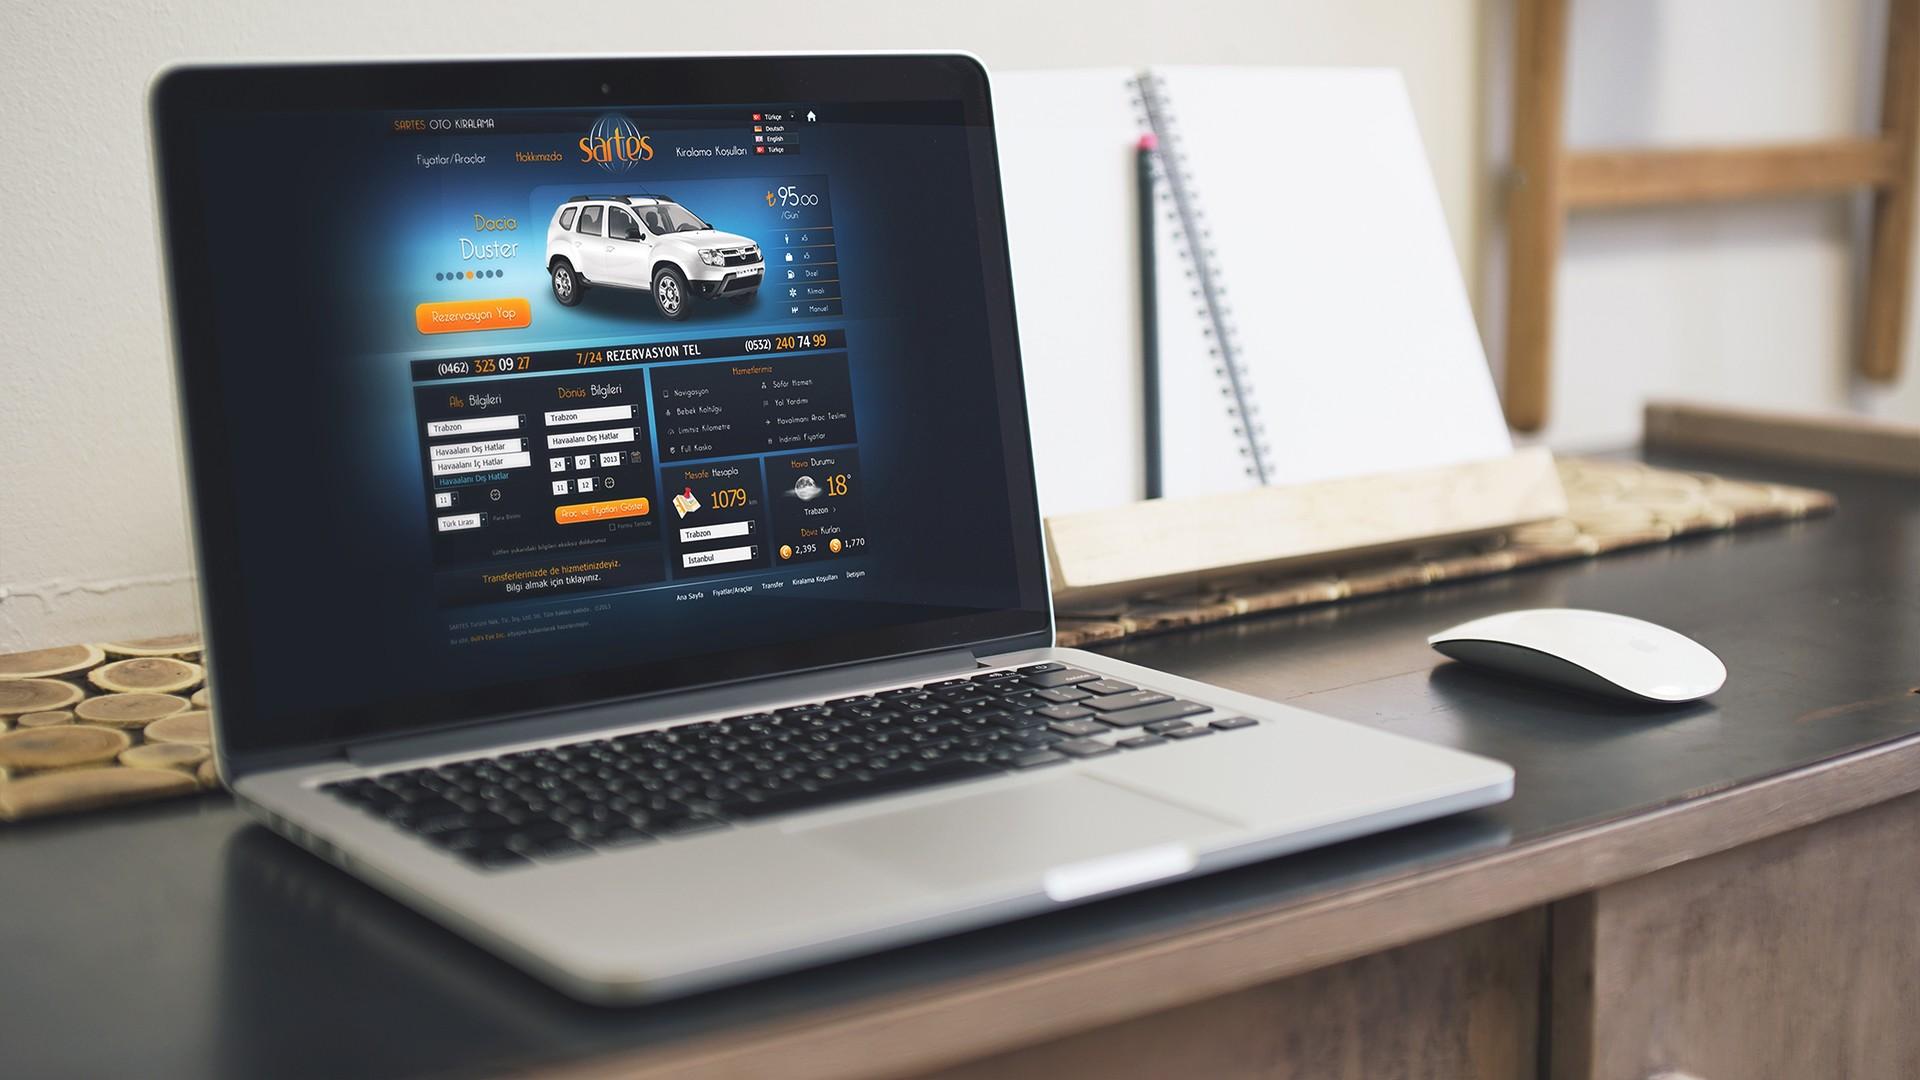 ordinateur sur un bureau avec le web design de la société sartes